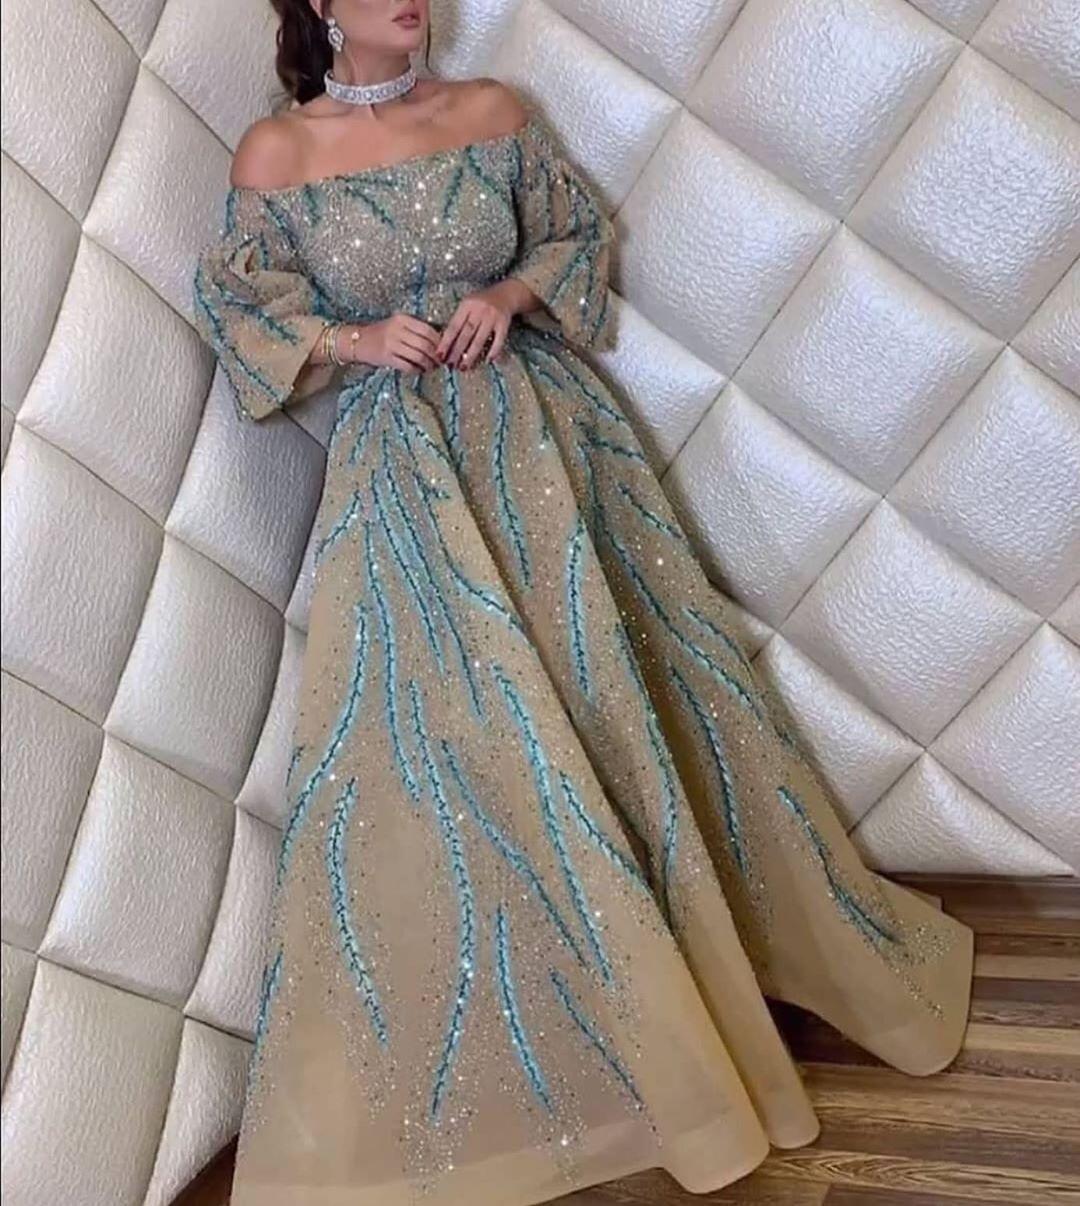 فساتين سهرة On Instagram للطلب والمزيد من الاستفسار تواصلي واتس أب 00966542181314 ازياء اناقه فخامة فخم انيق تبادل لايكات Pretty Dresses Dresses Maxi Dress